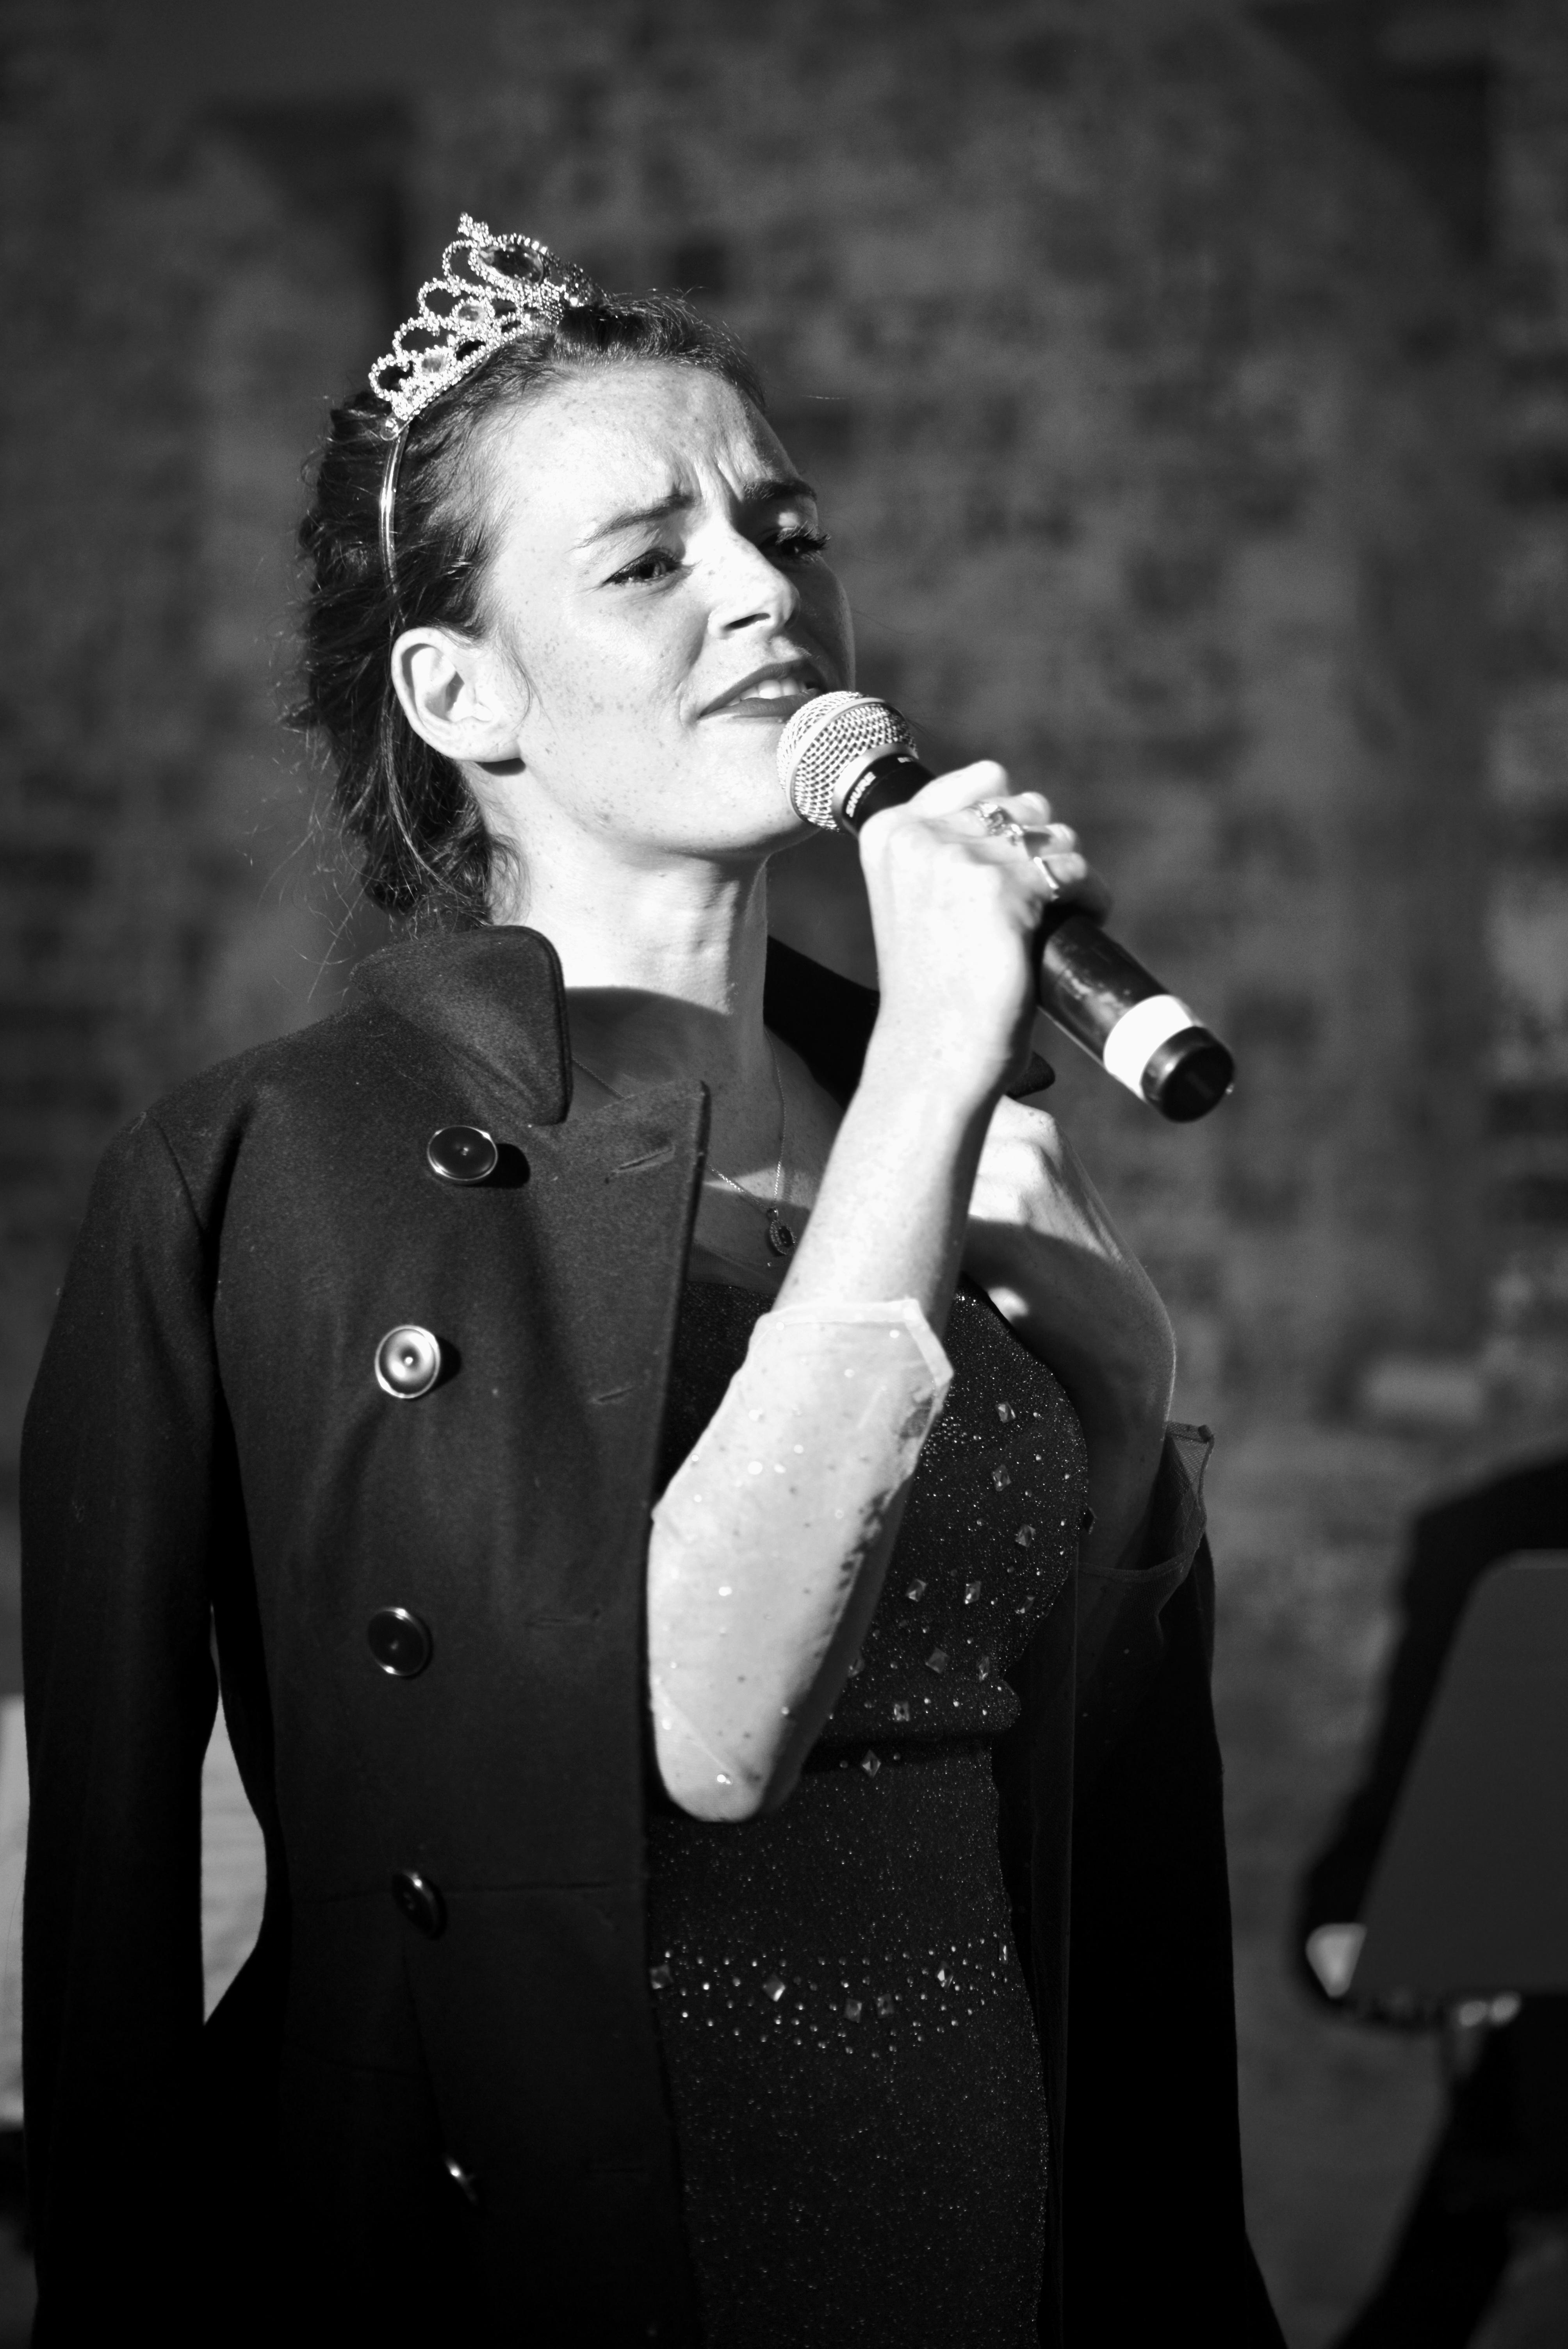 Kirsty McLean